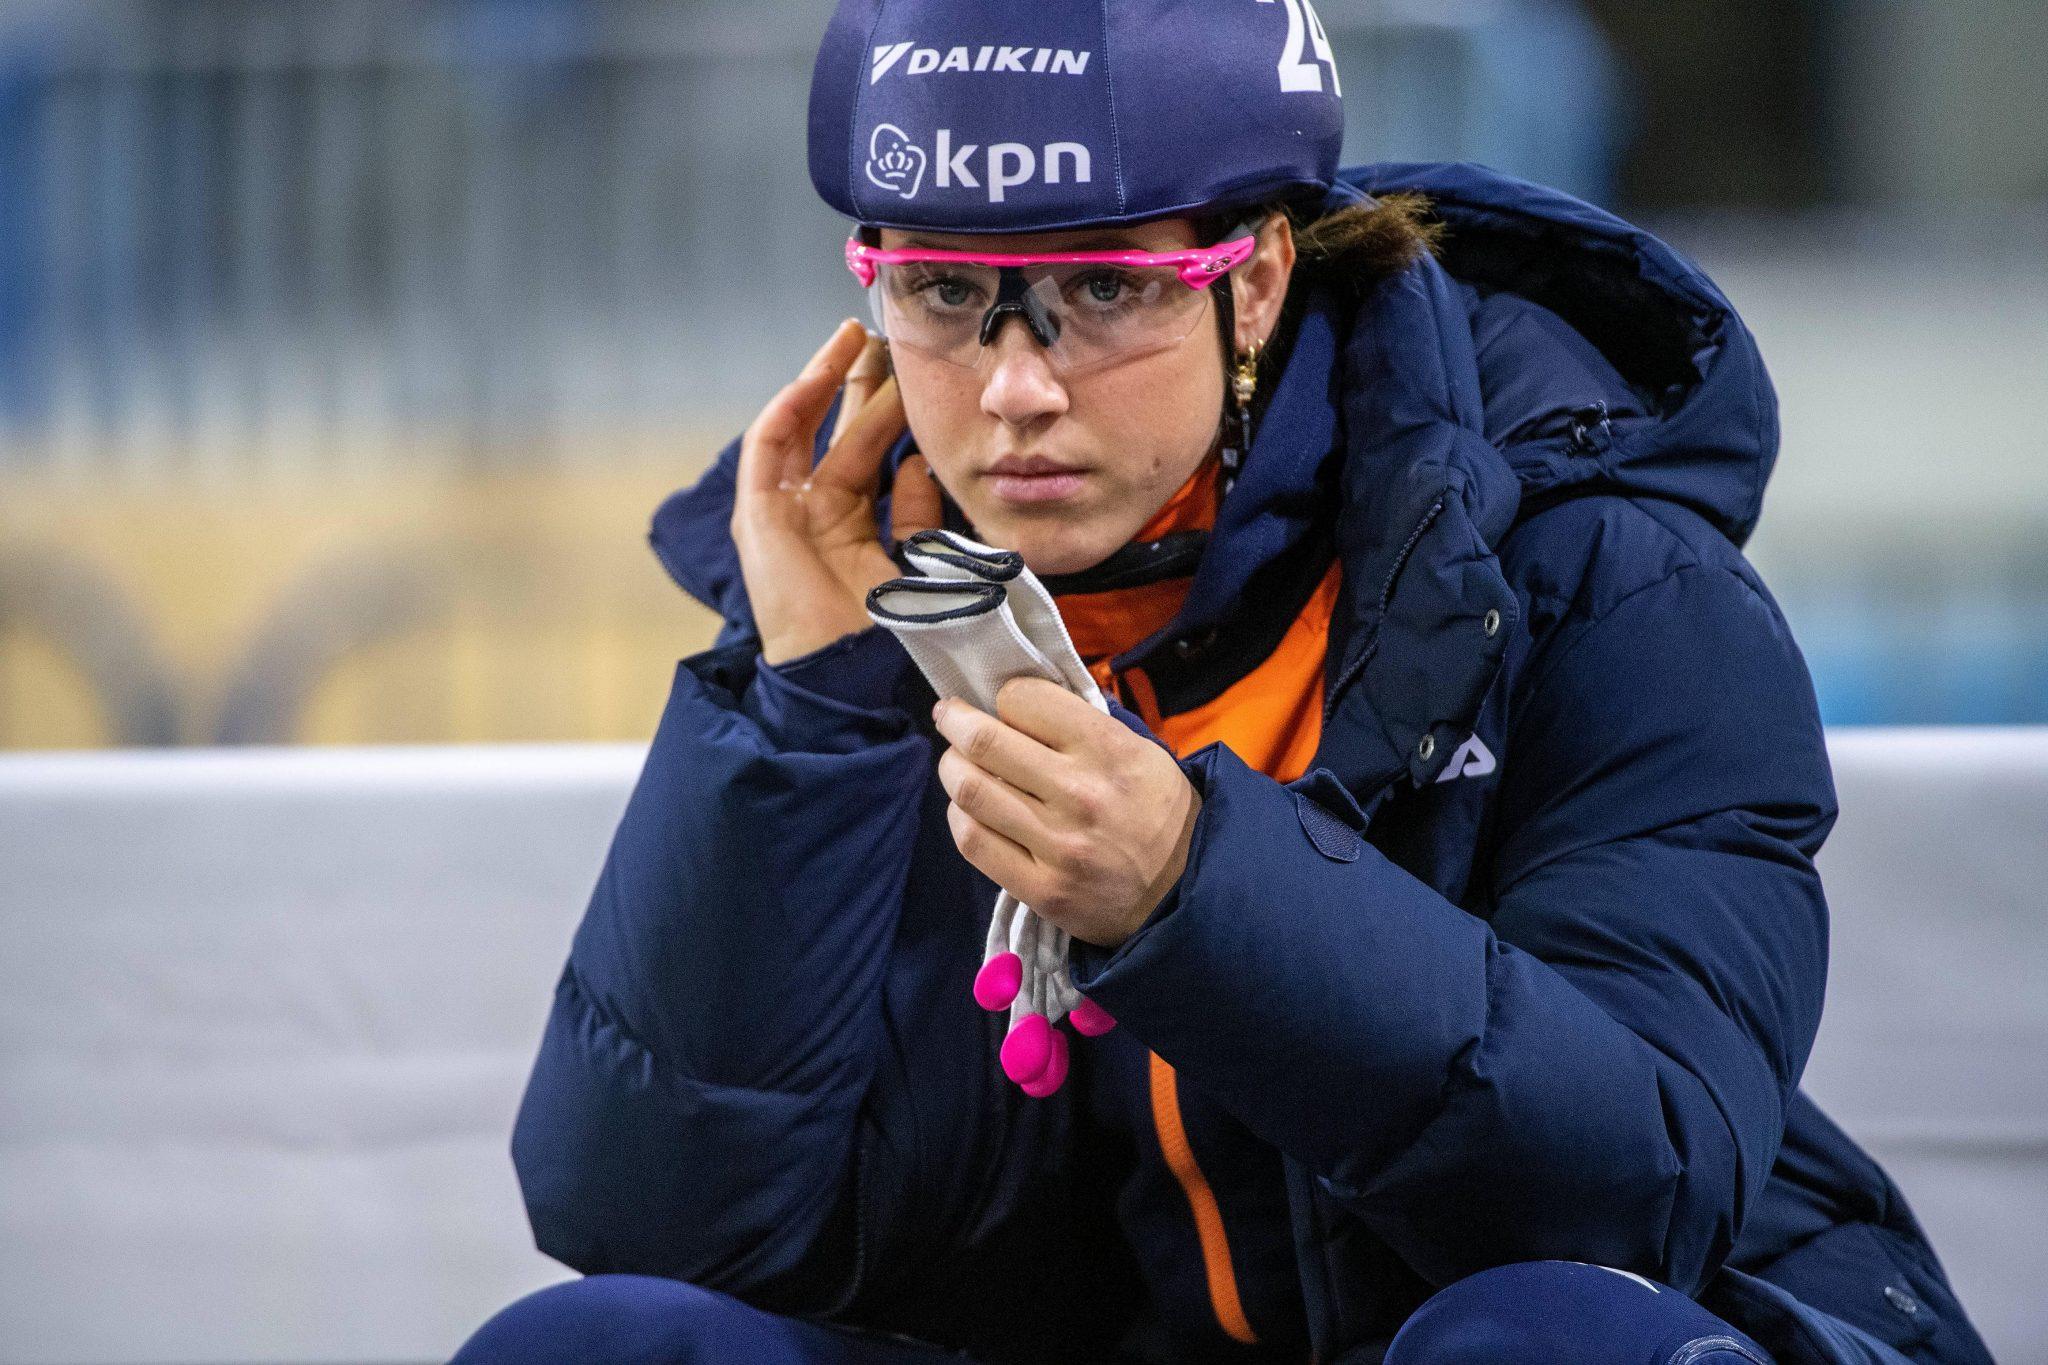 Van Kerkhof naar halve finales in Montreal, Schulting onderuit - Sportnieuws.nl